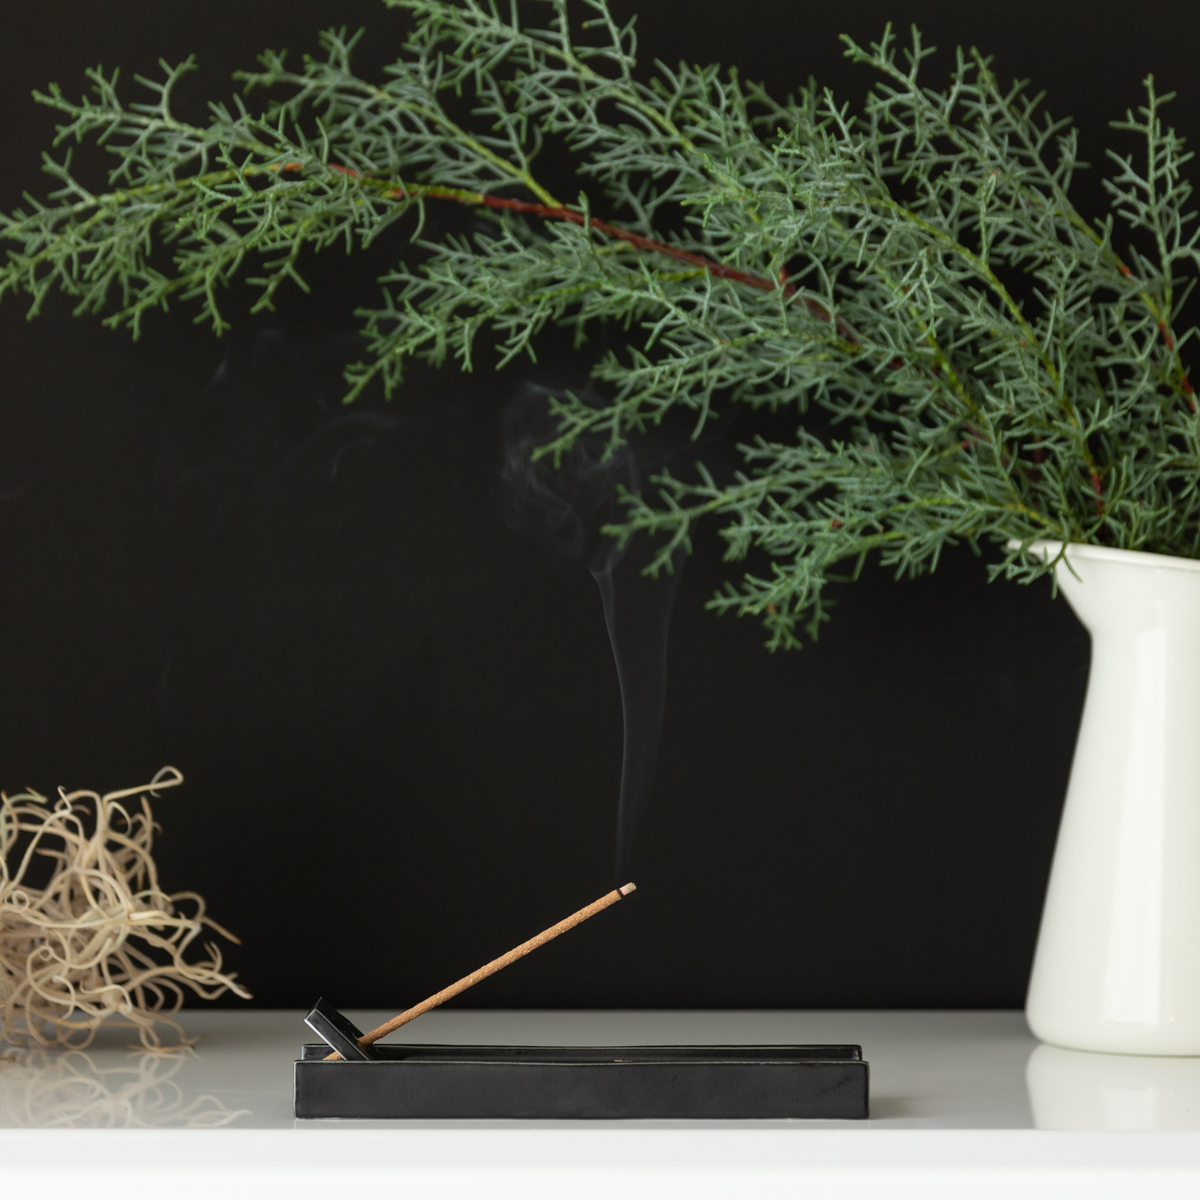 DNAレベルで「いい香り!」と喜べる日本の樹木の香りと西洋の香りをブレンドした、エレガントな余韻のあるインセンススティック(お香)|KITOWA